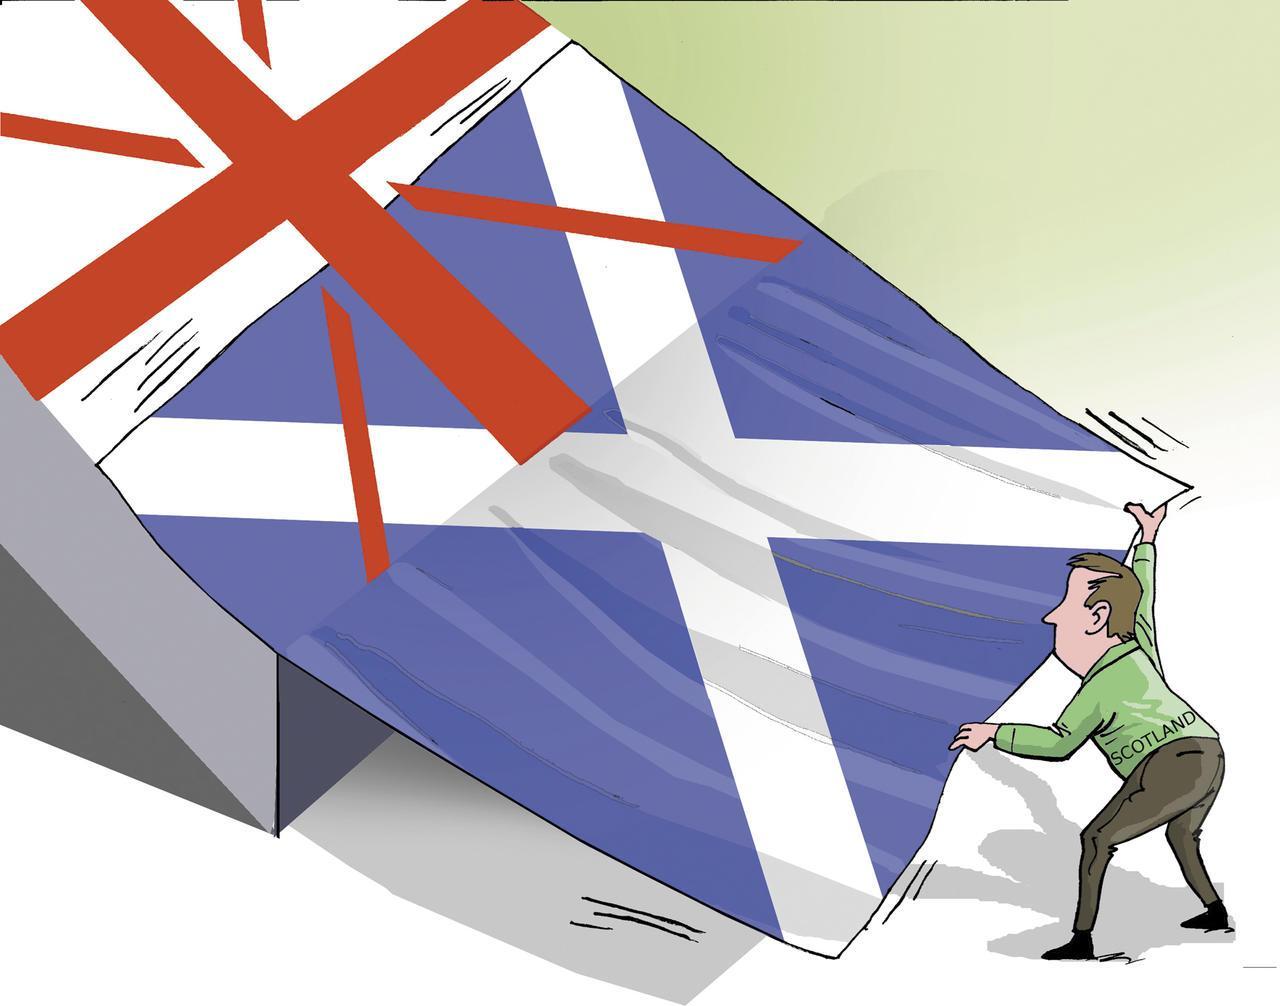 Retrait du drapeau écossais de l'Union Jack. Dessin d'Arcadio paru dans la Prensa Libre, Costa Rica